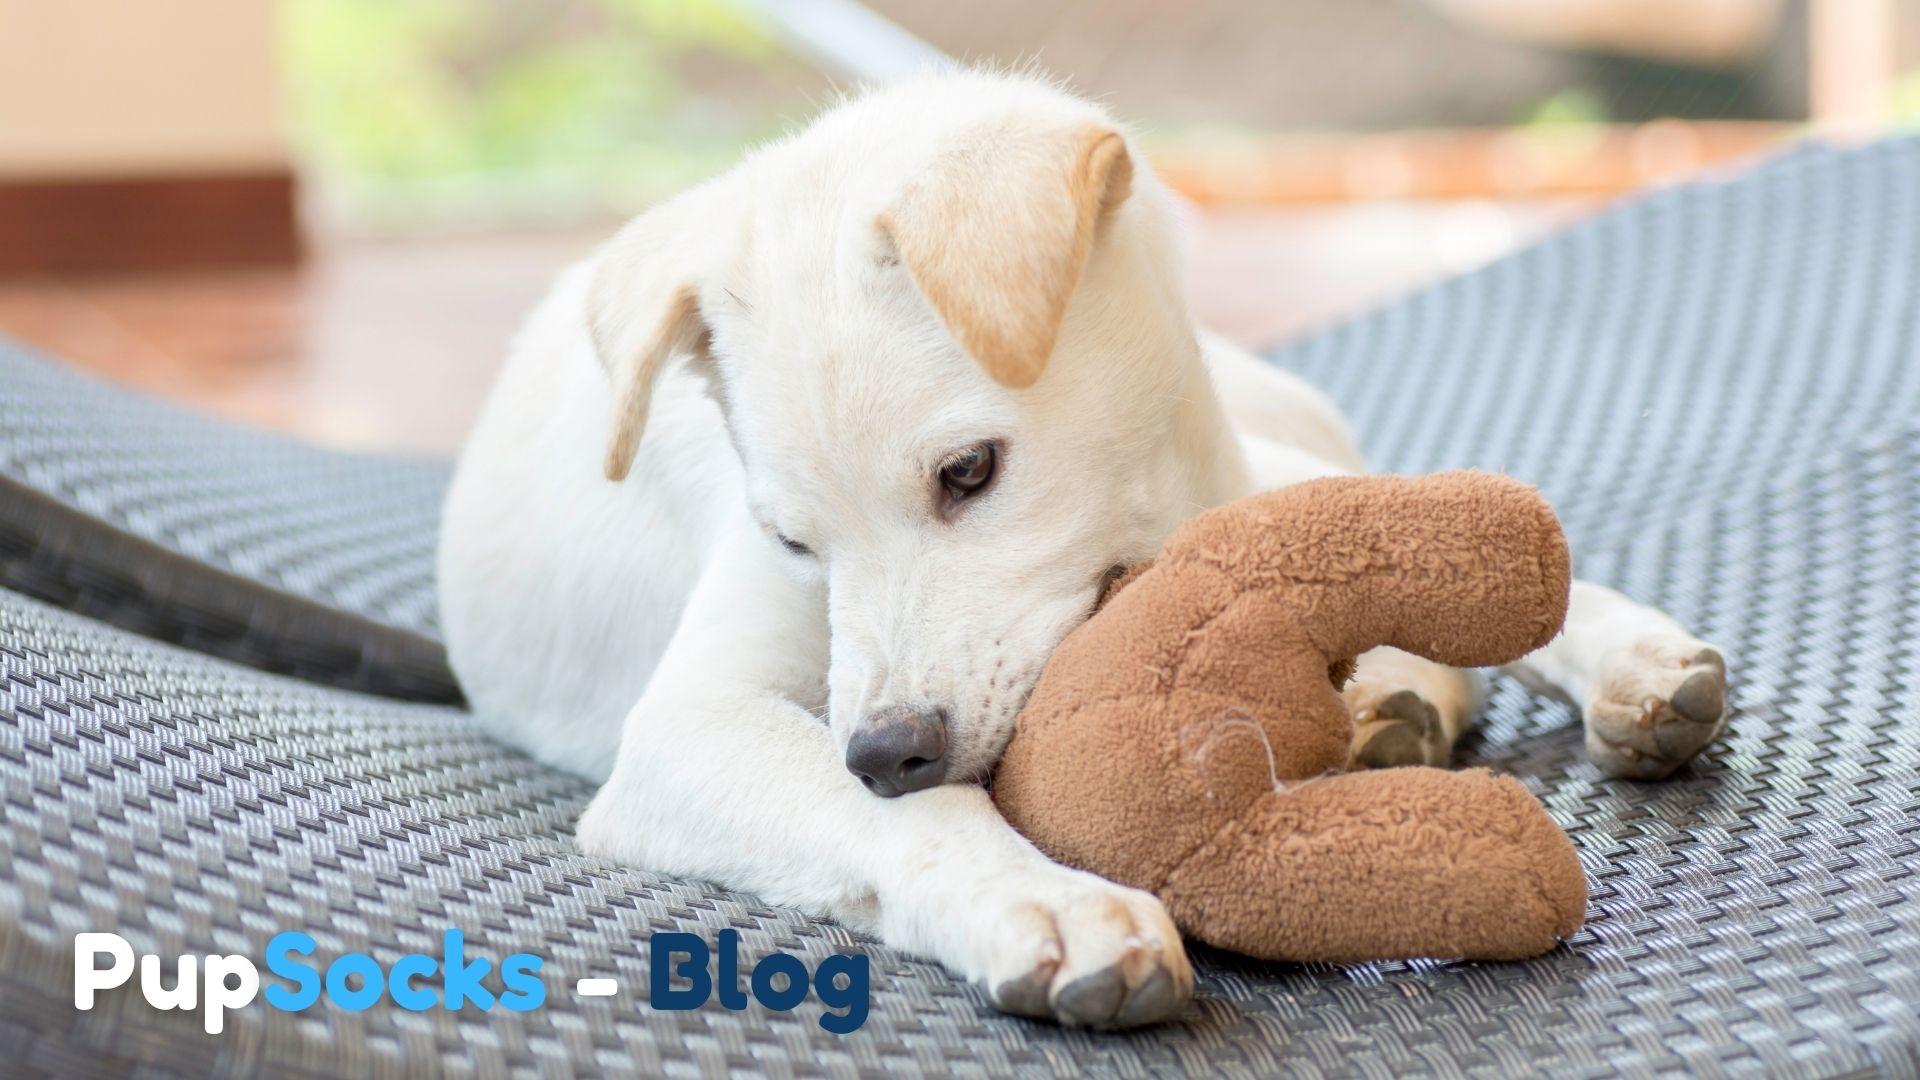 Co dělat když pes kouše věci?